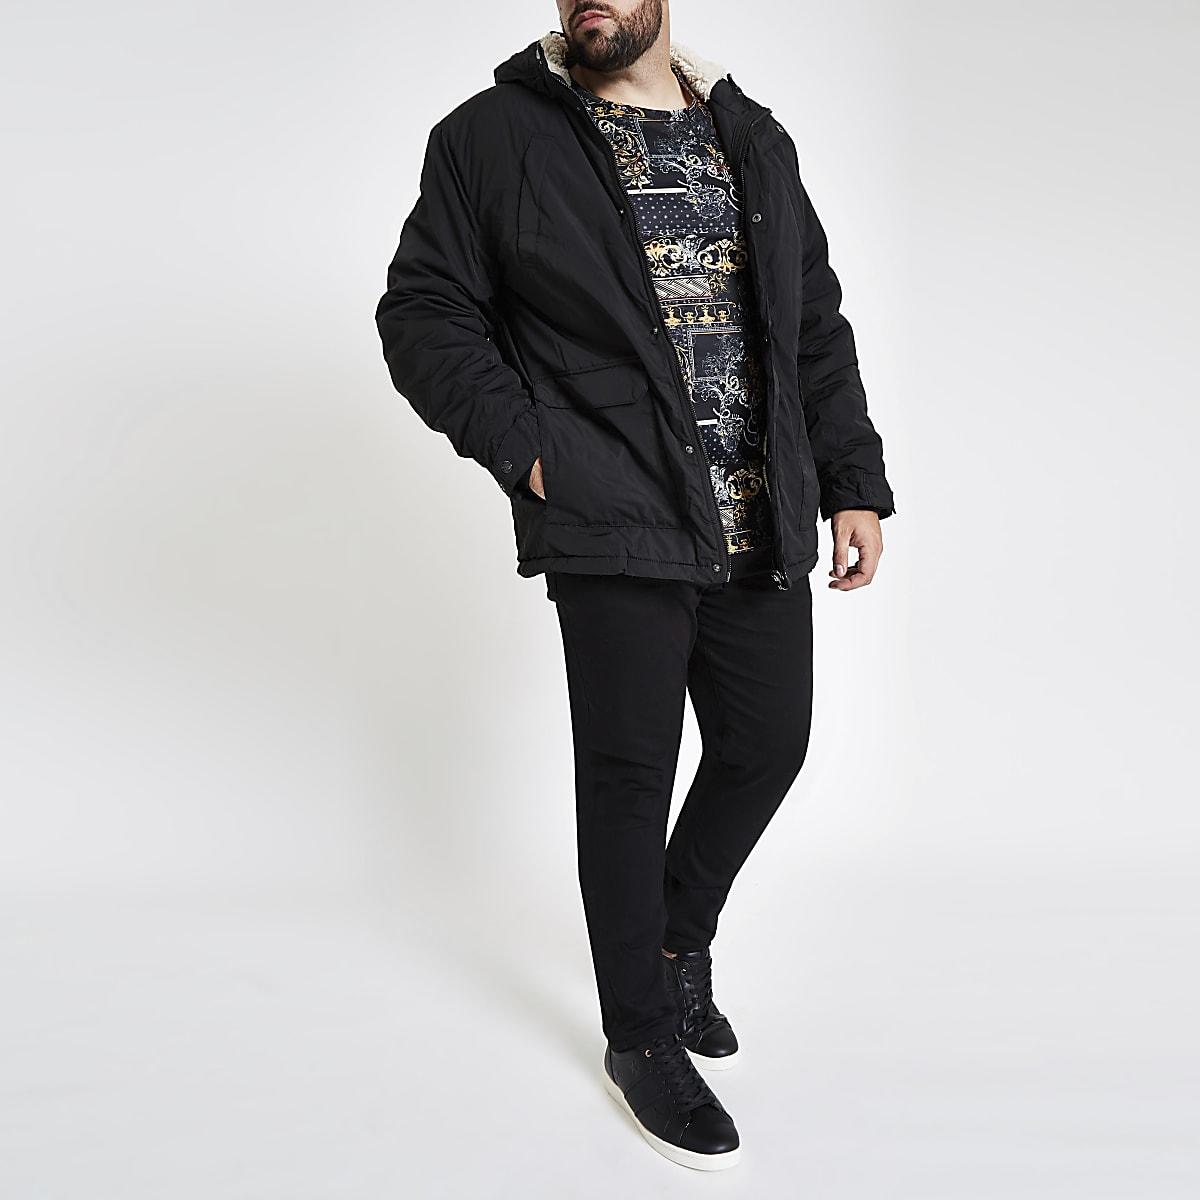 Big and Tall – Manteau à capuche noir avec doublure imitation peau de mouton